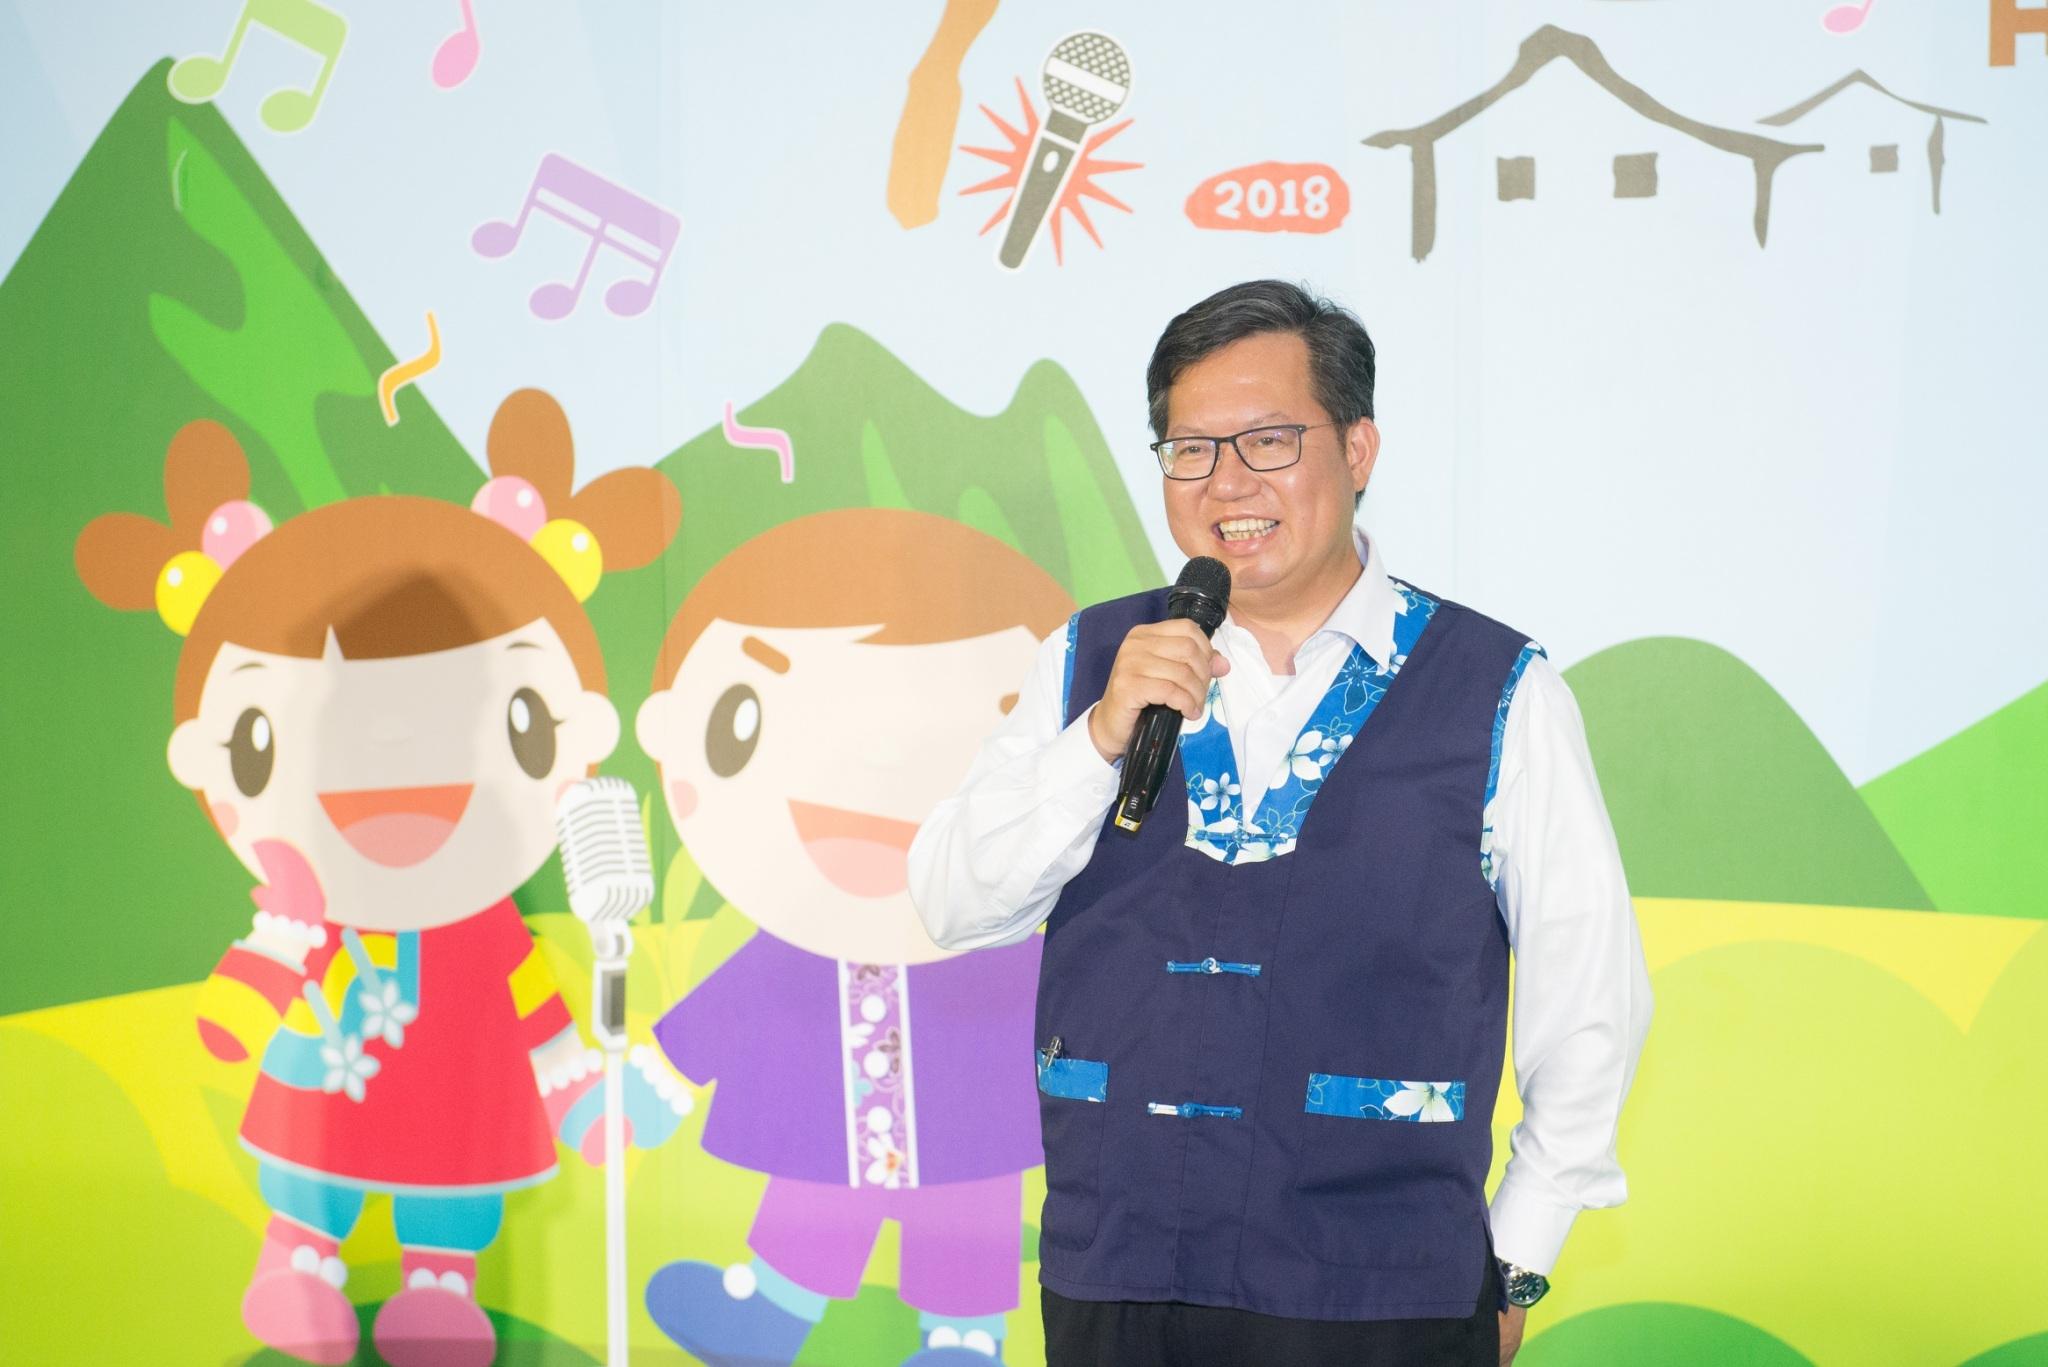 市長致詞表示,讓客家文化走入生活、走向世界